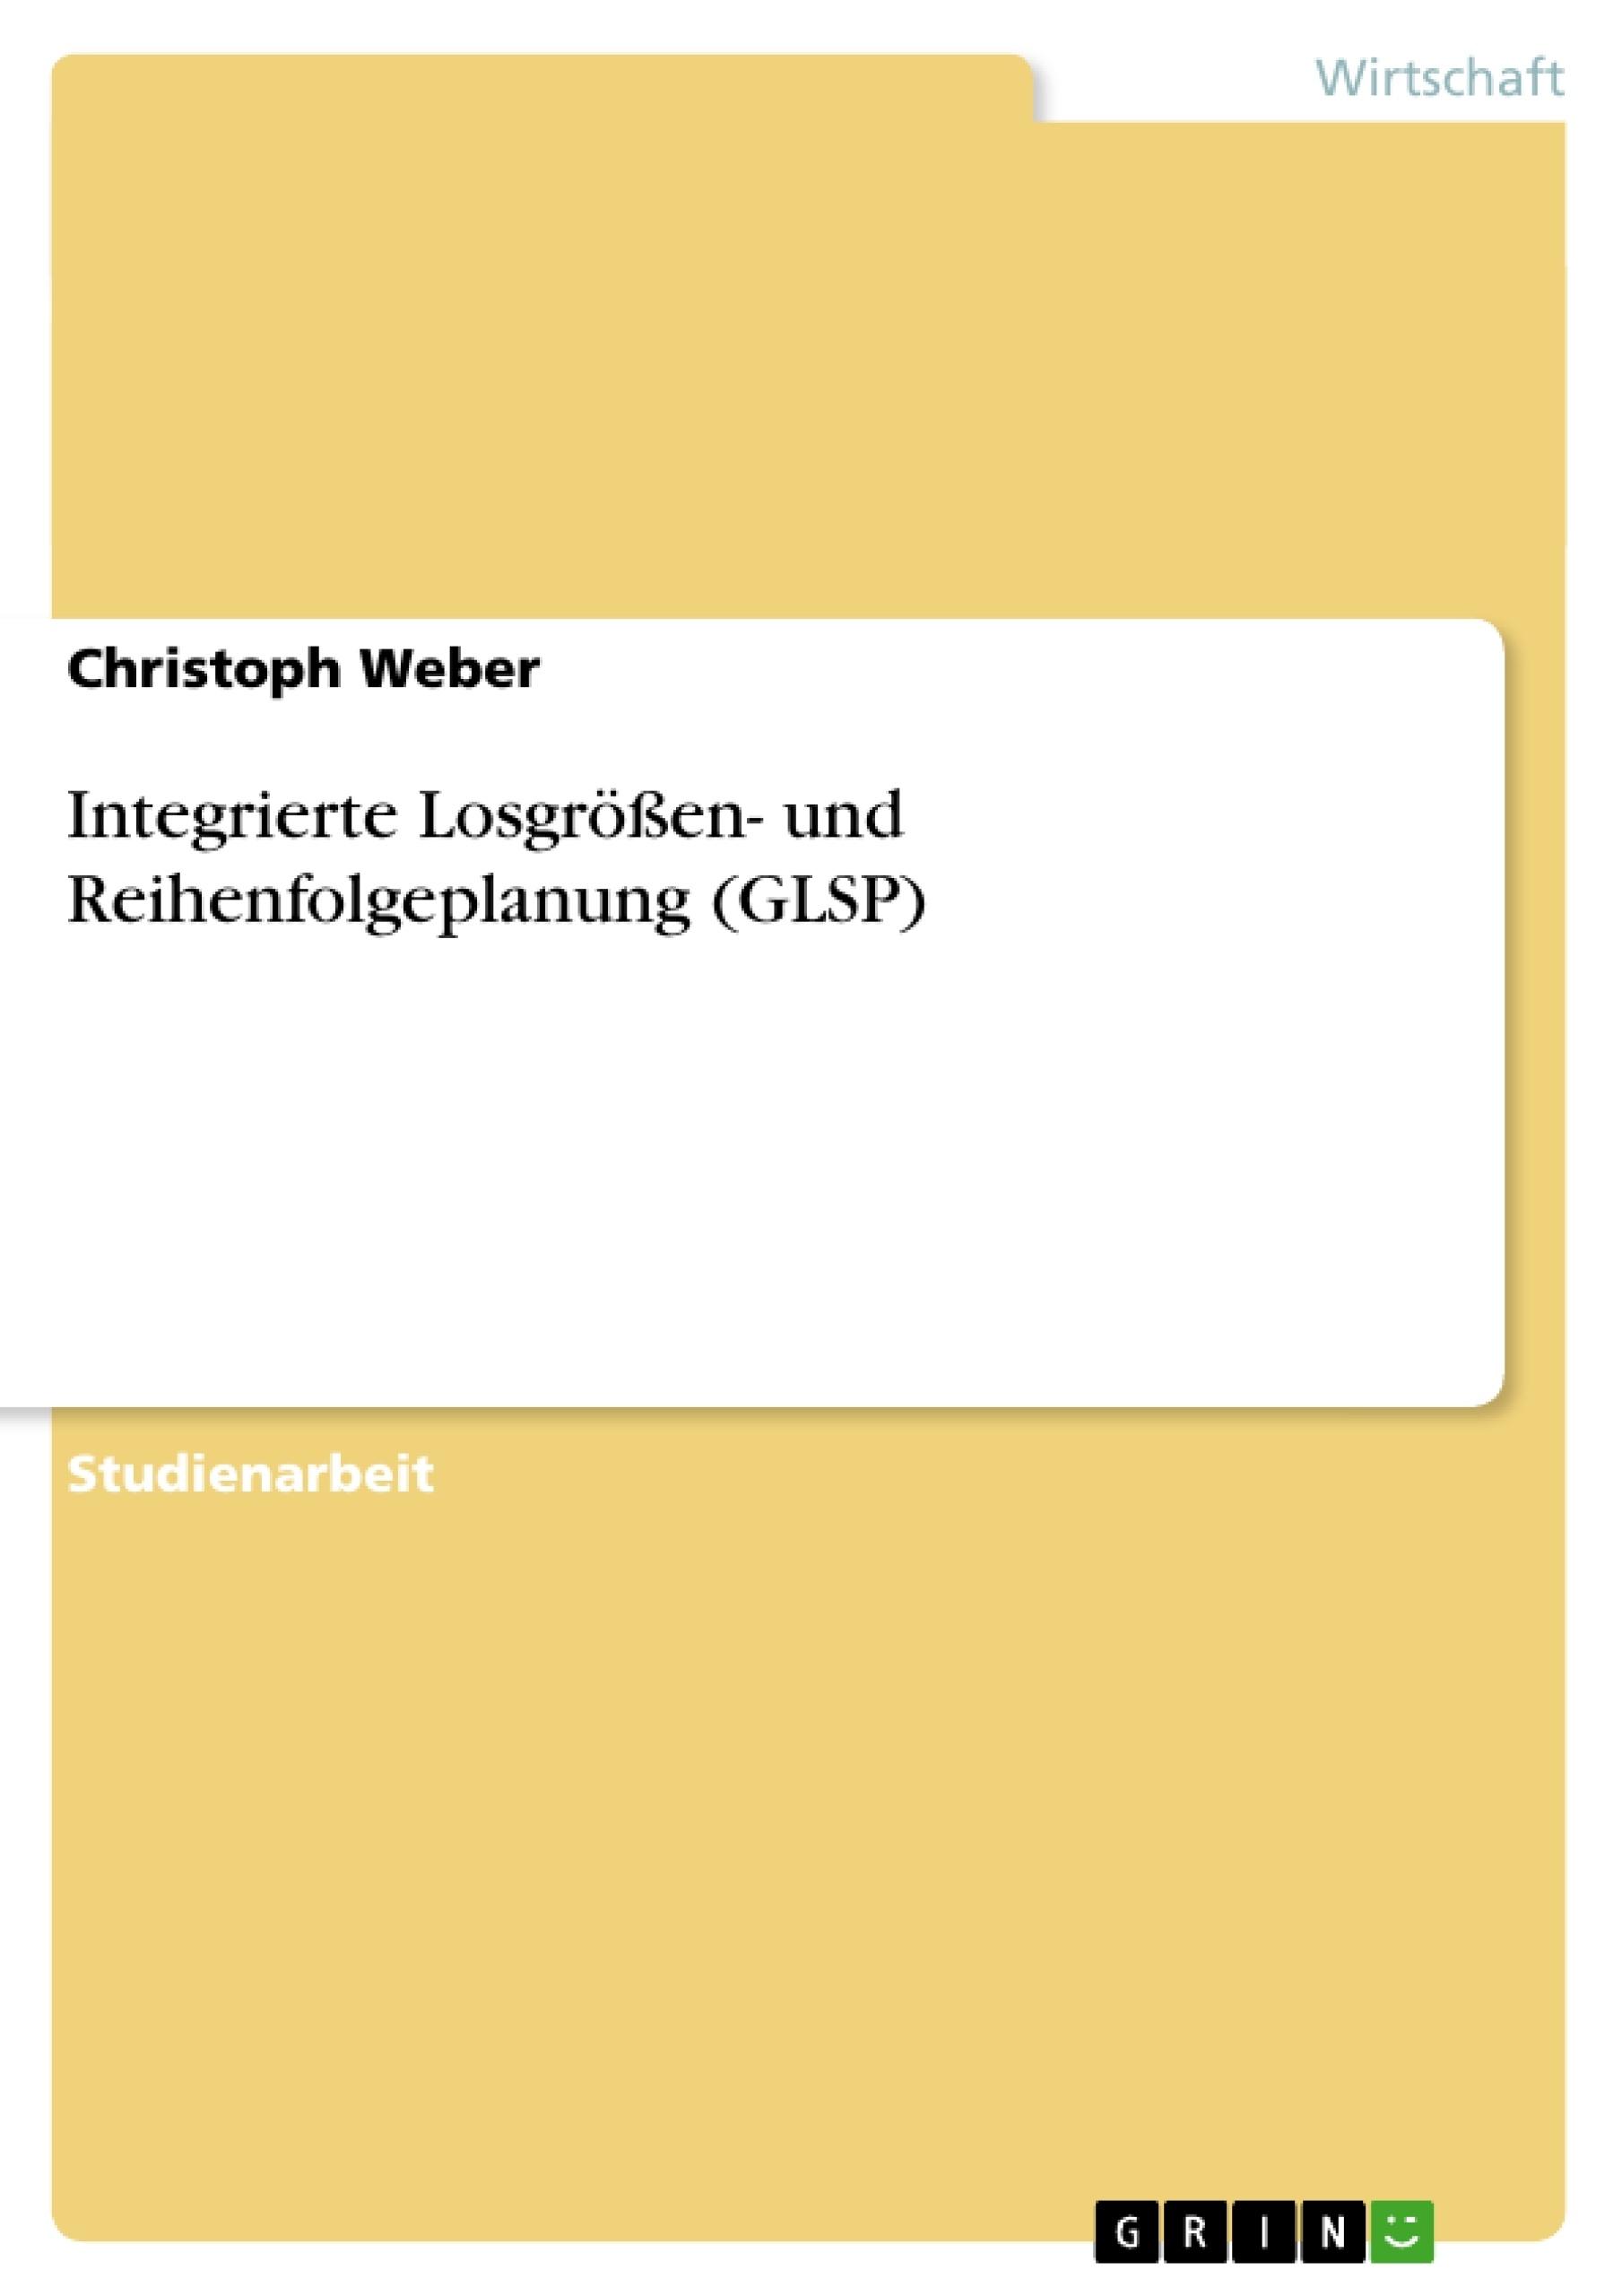 Titel: Integrierte Losgrößen- und Reihenfolgeplanung (GLSP)